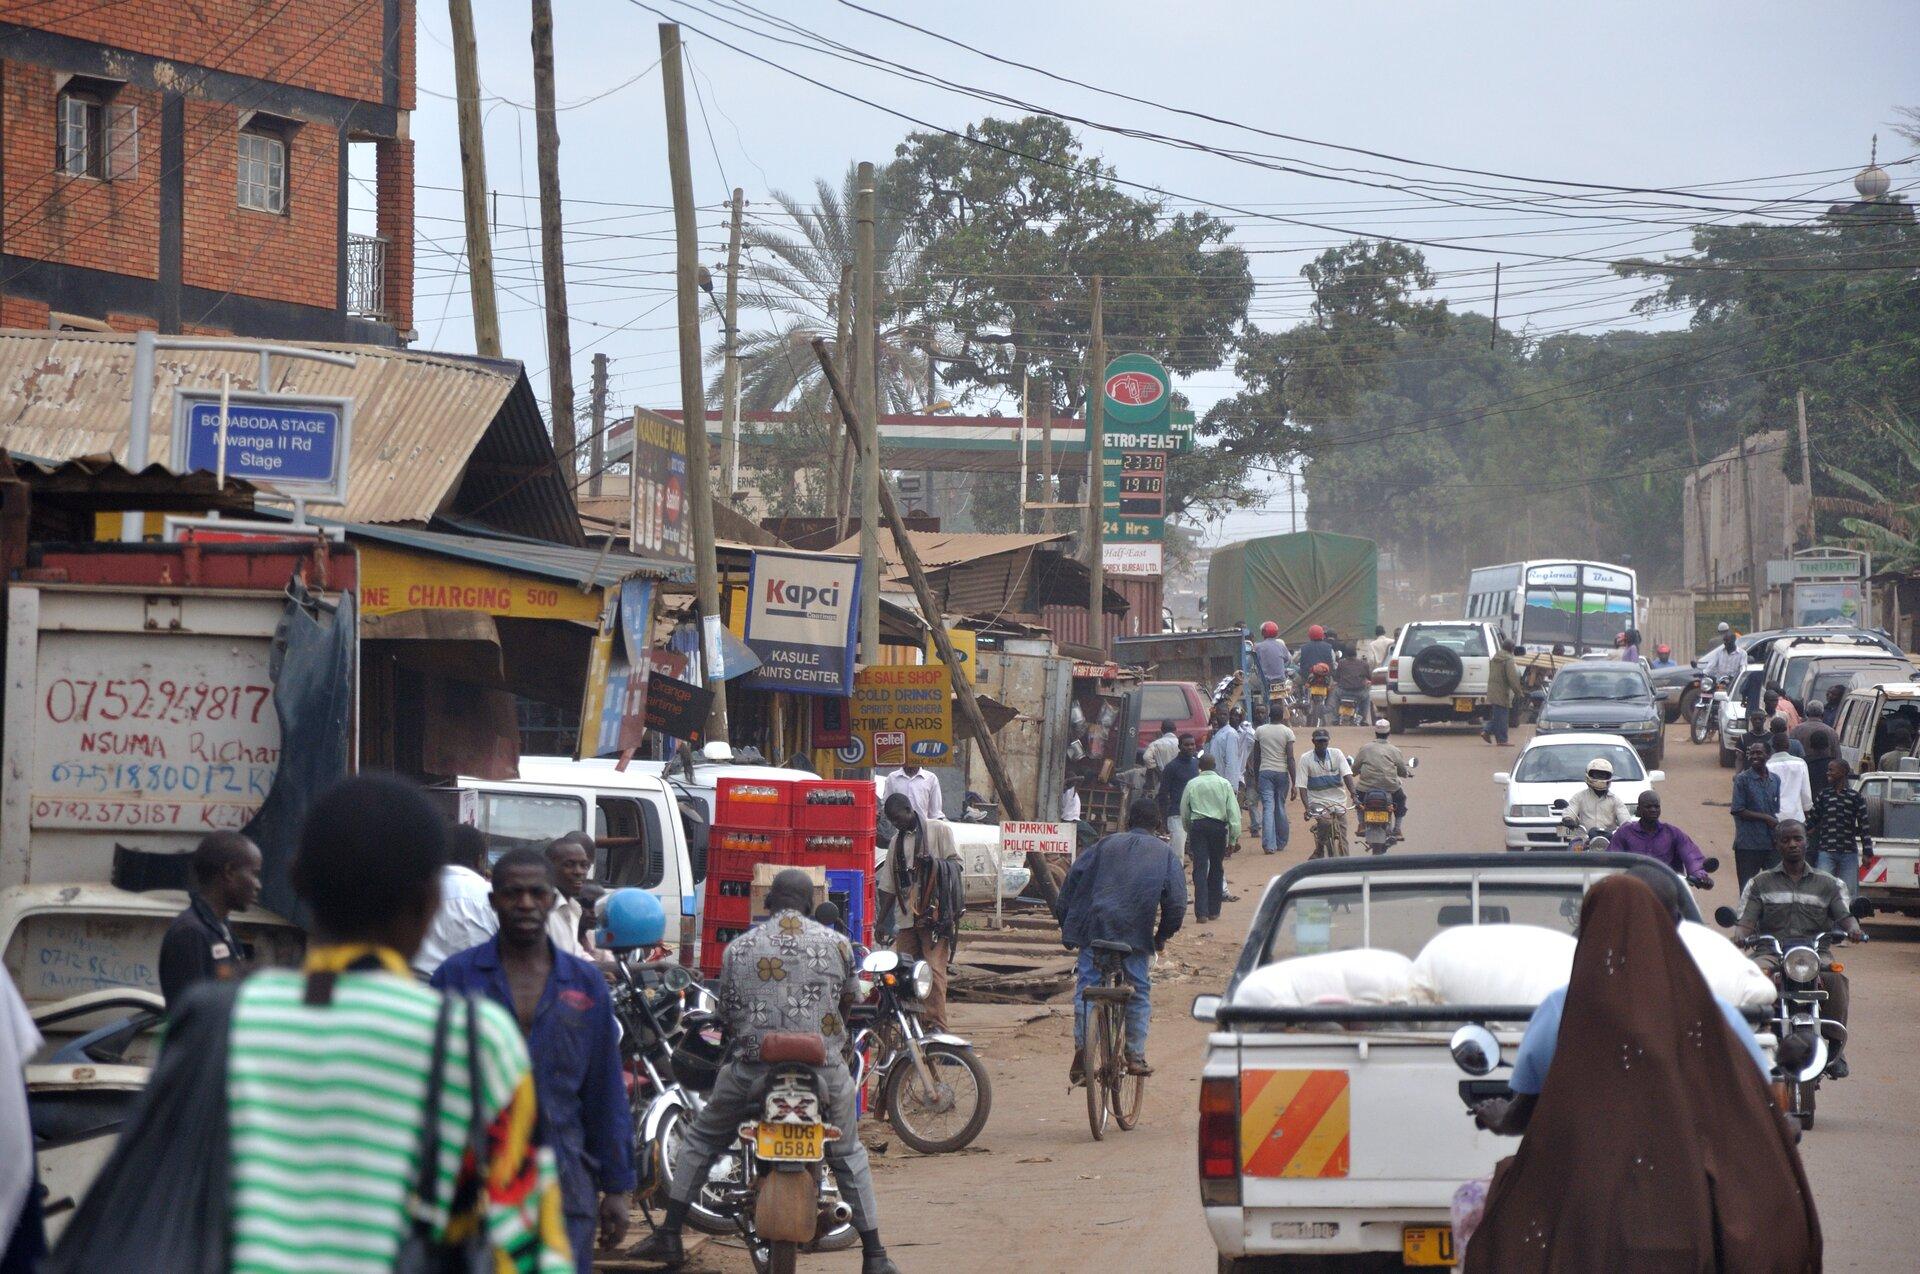 Ulica wUgandzie Źródło: Simisa, Ulica wUgandzie, licencja: CC BY-SA 3.0.